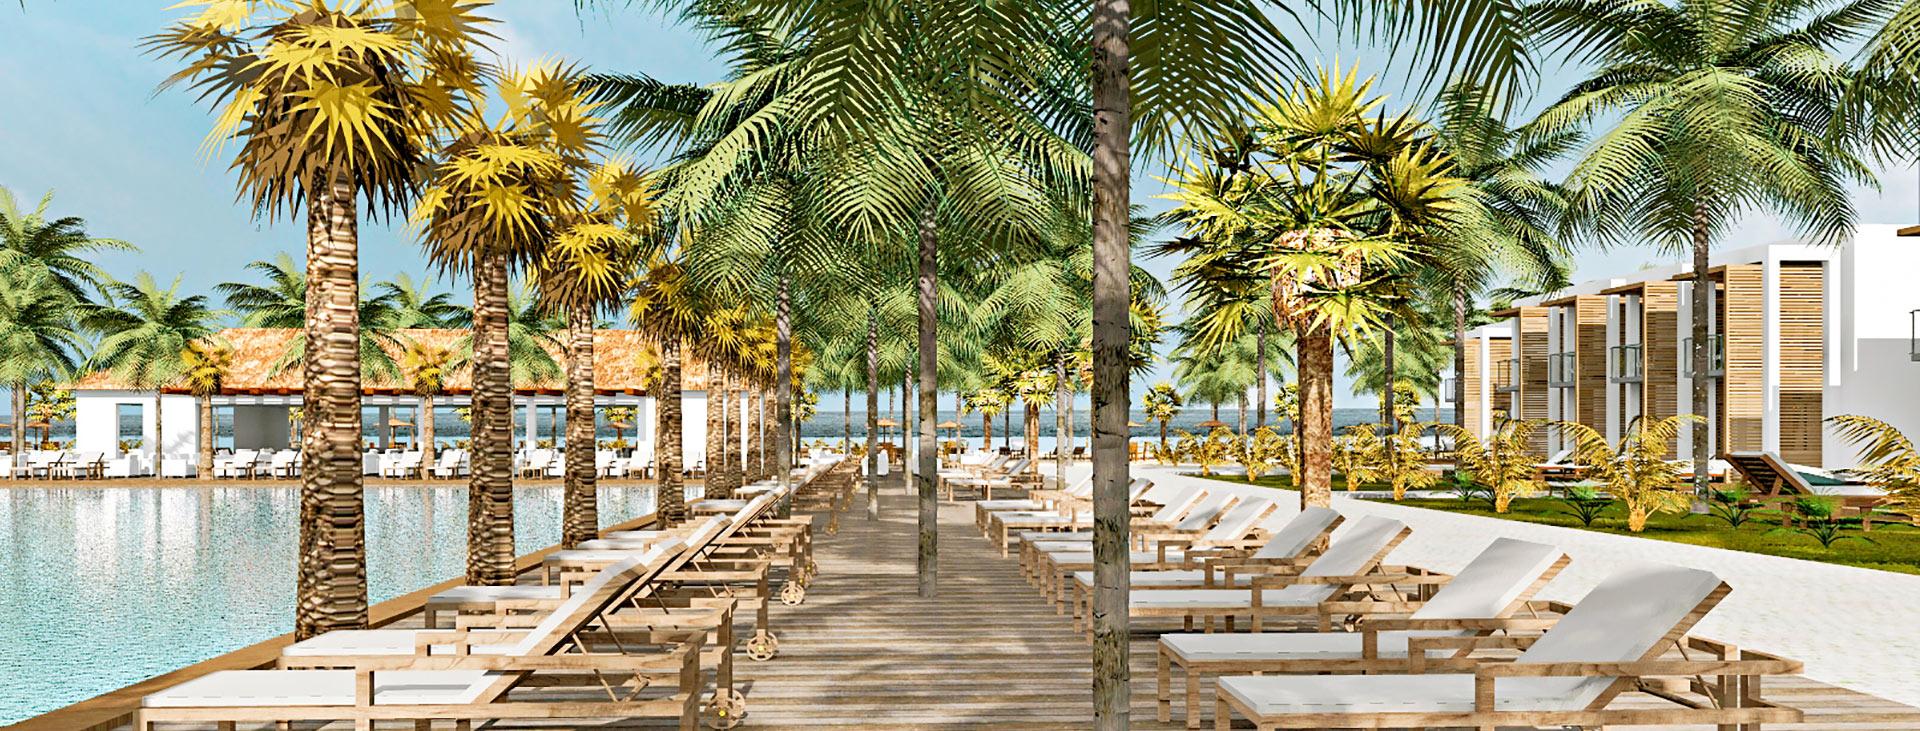 Sunprime Tamala Beach, Gambia, Gambia